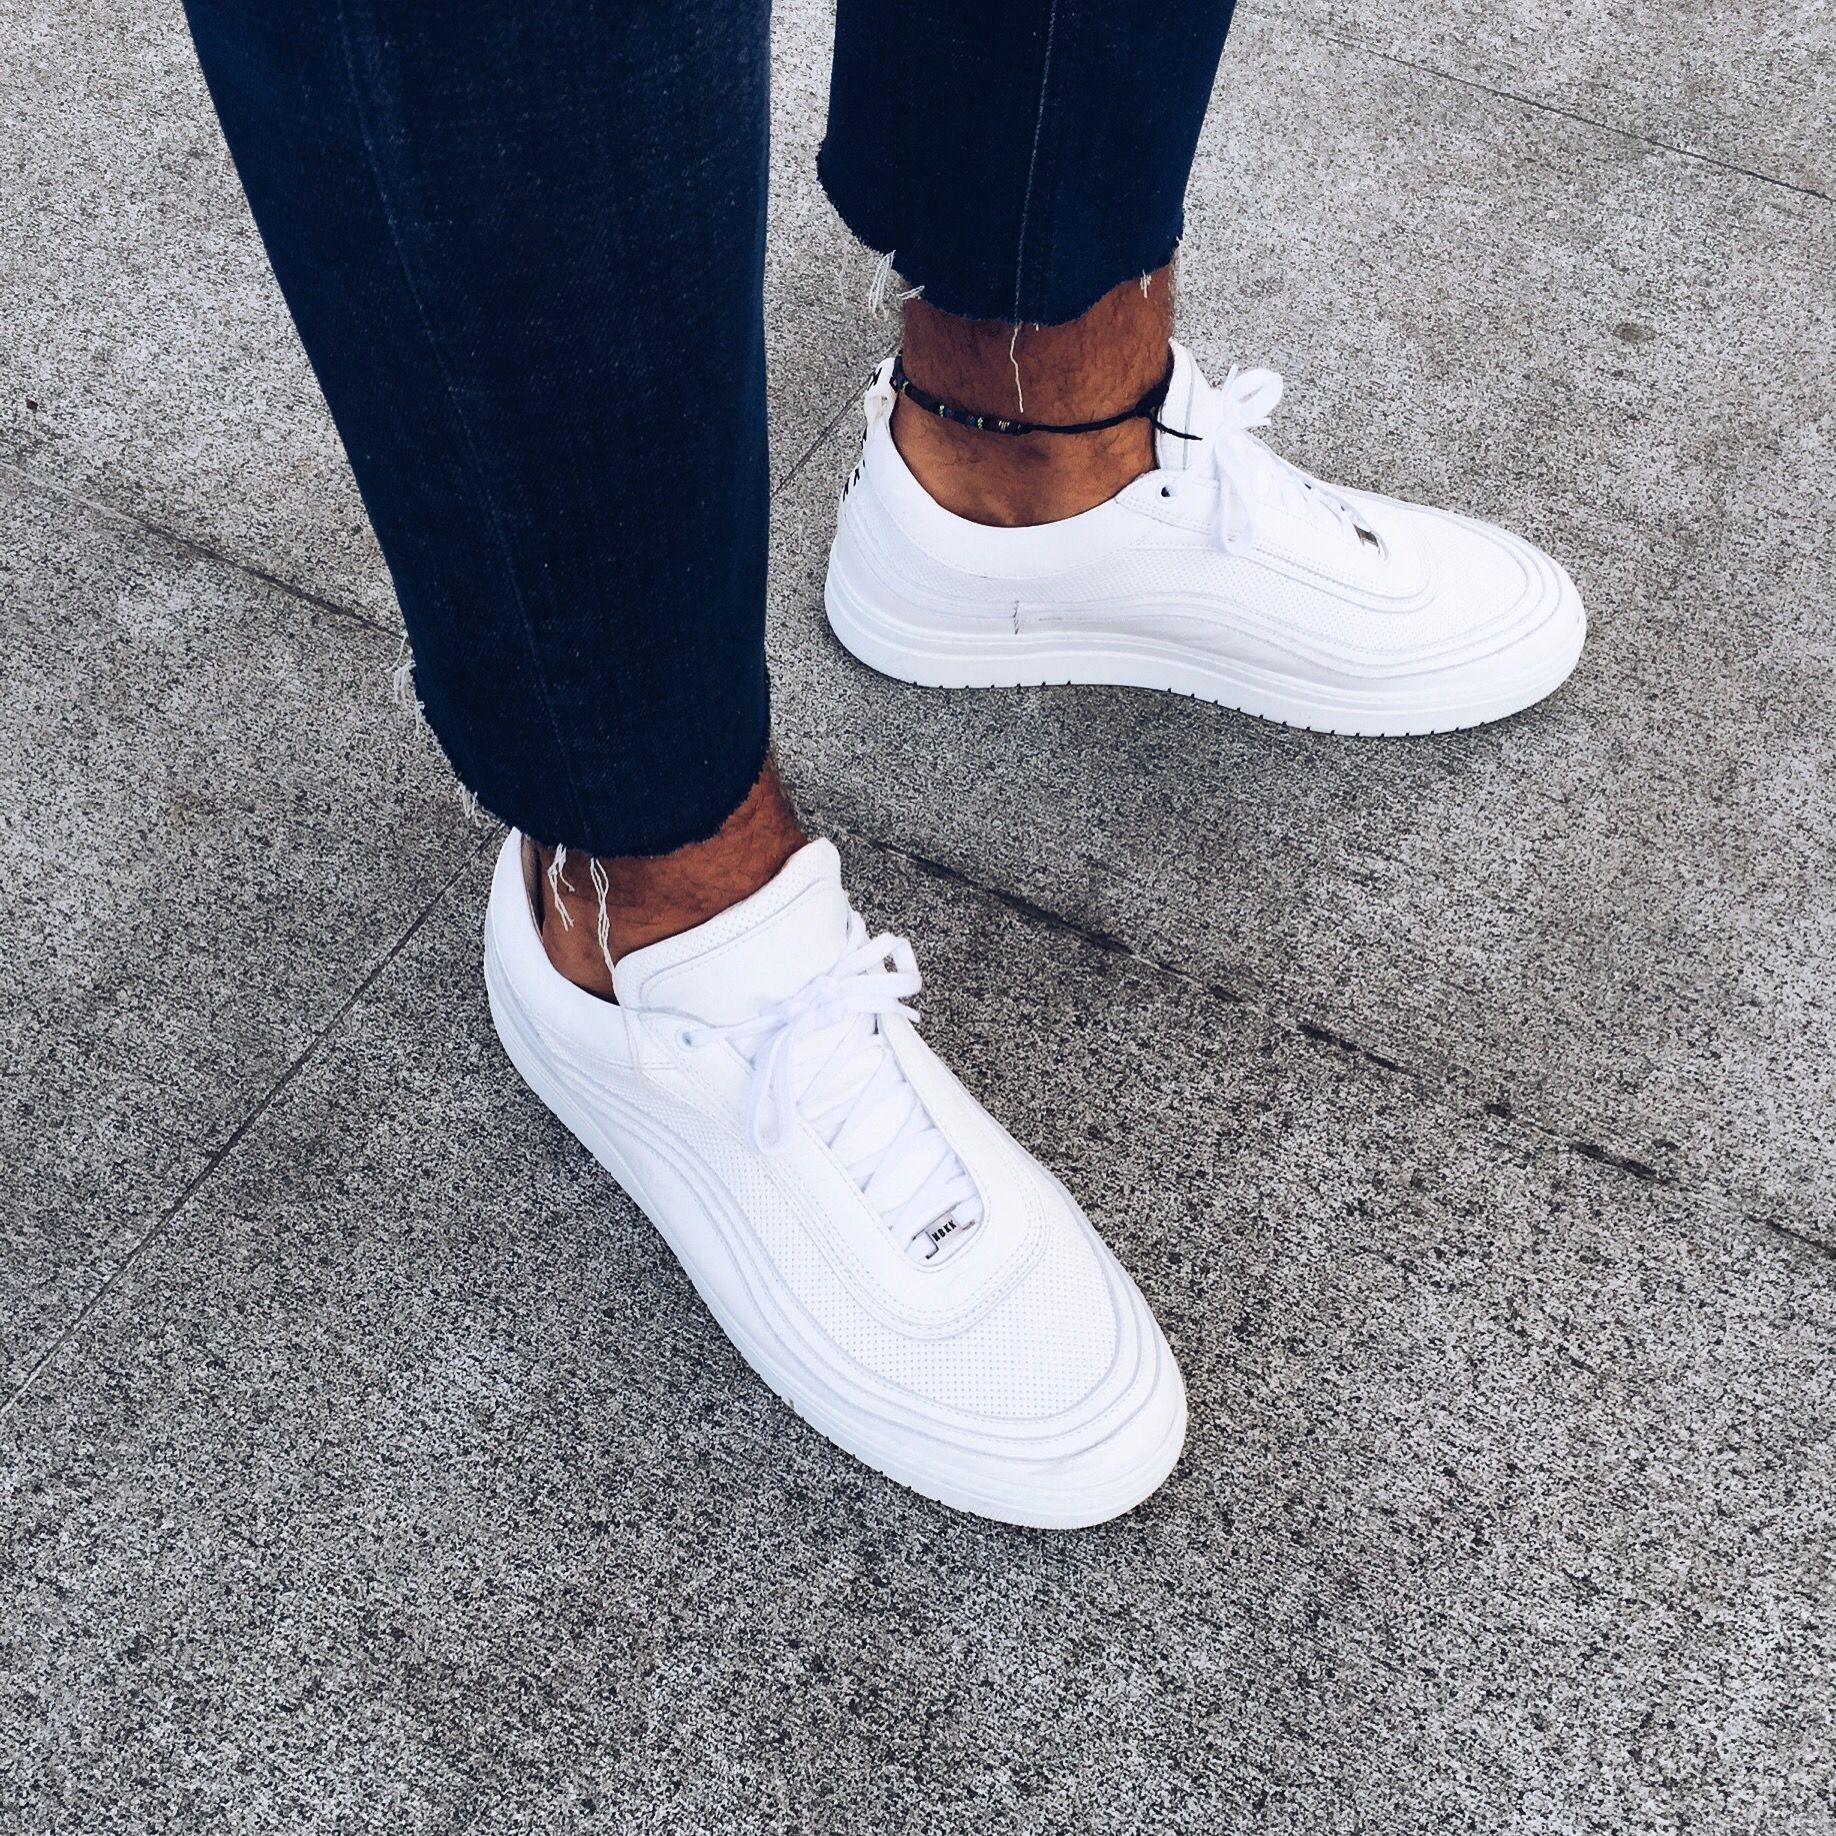 Nubikk Yeye Curl Perfo white #nubikk #nbkk #footwear #whitesneakers  #sneakers